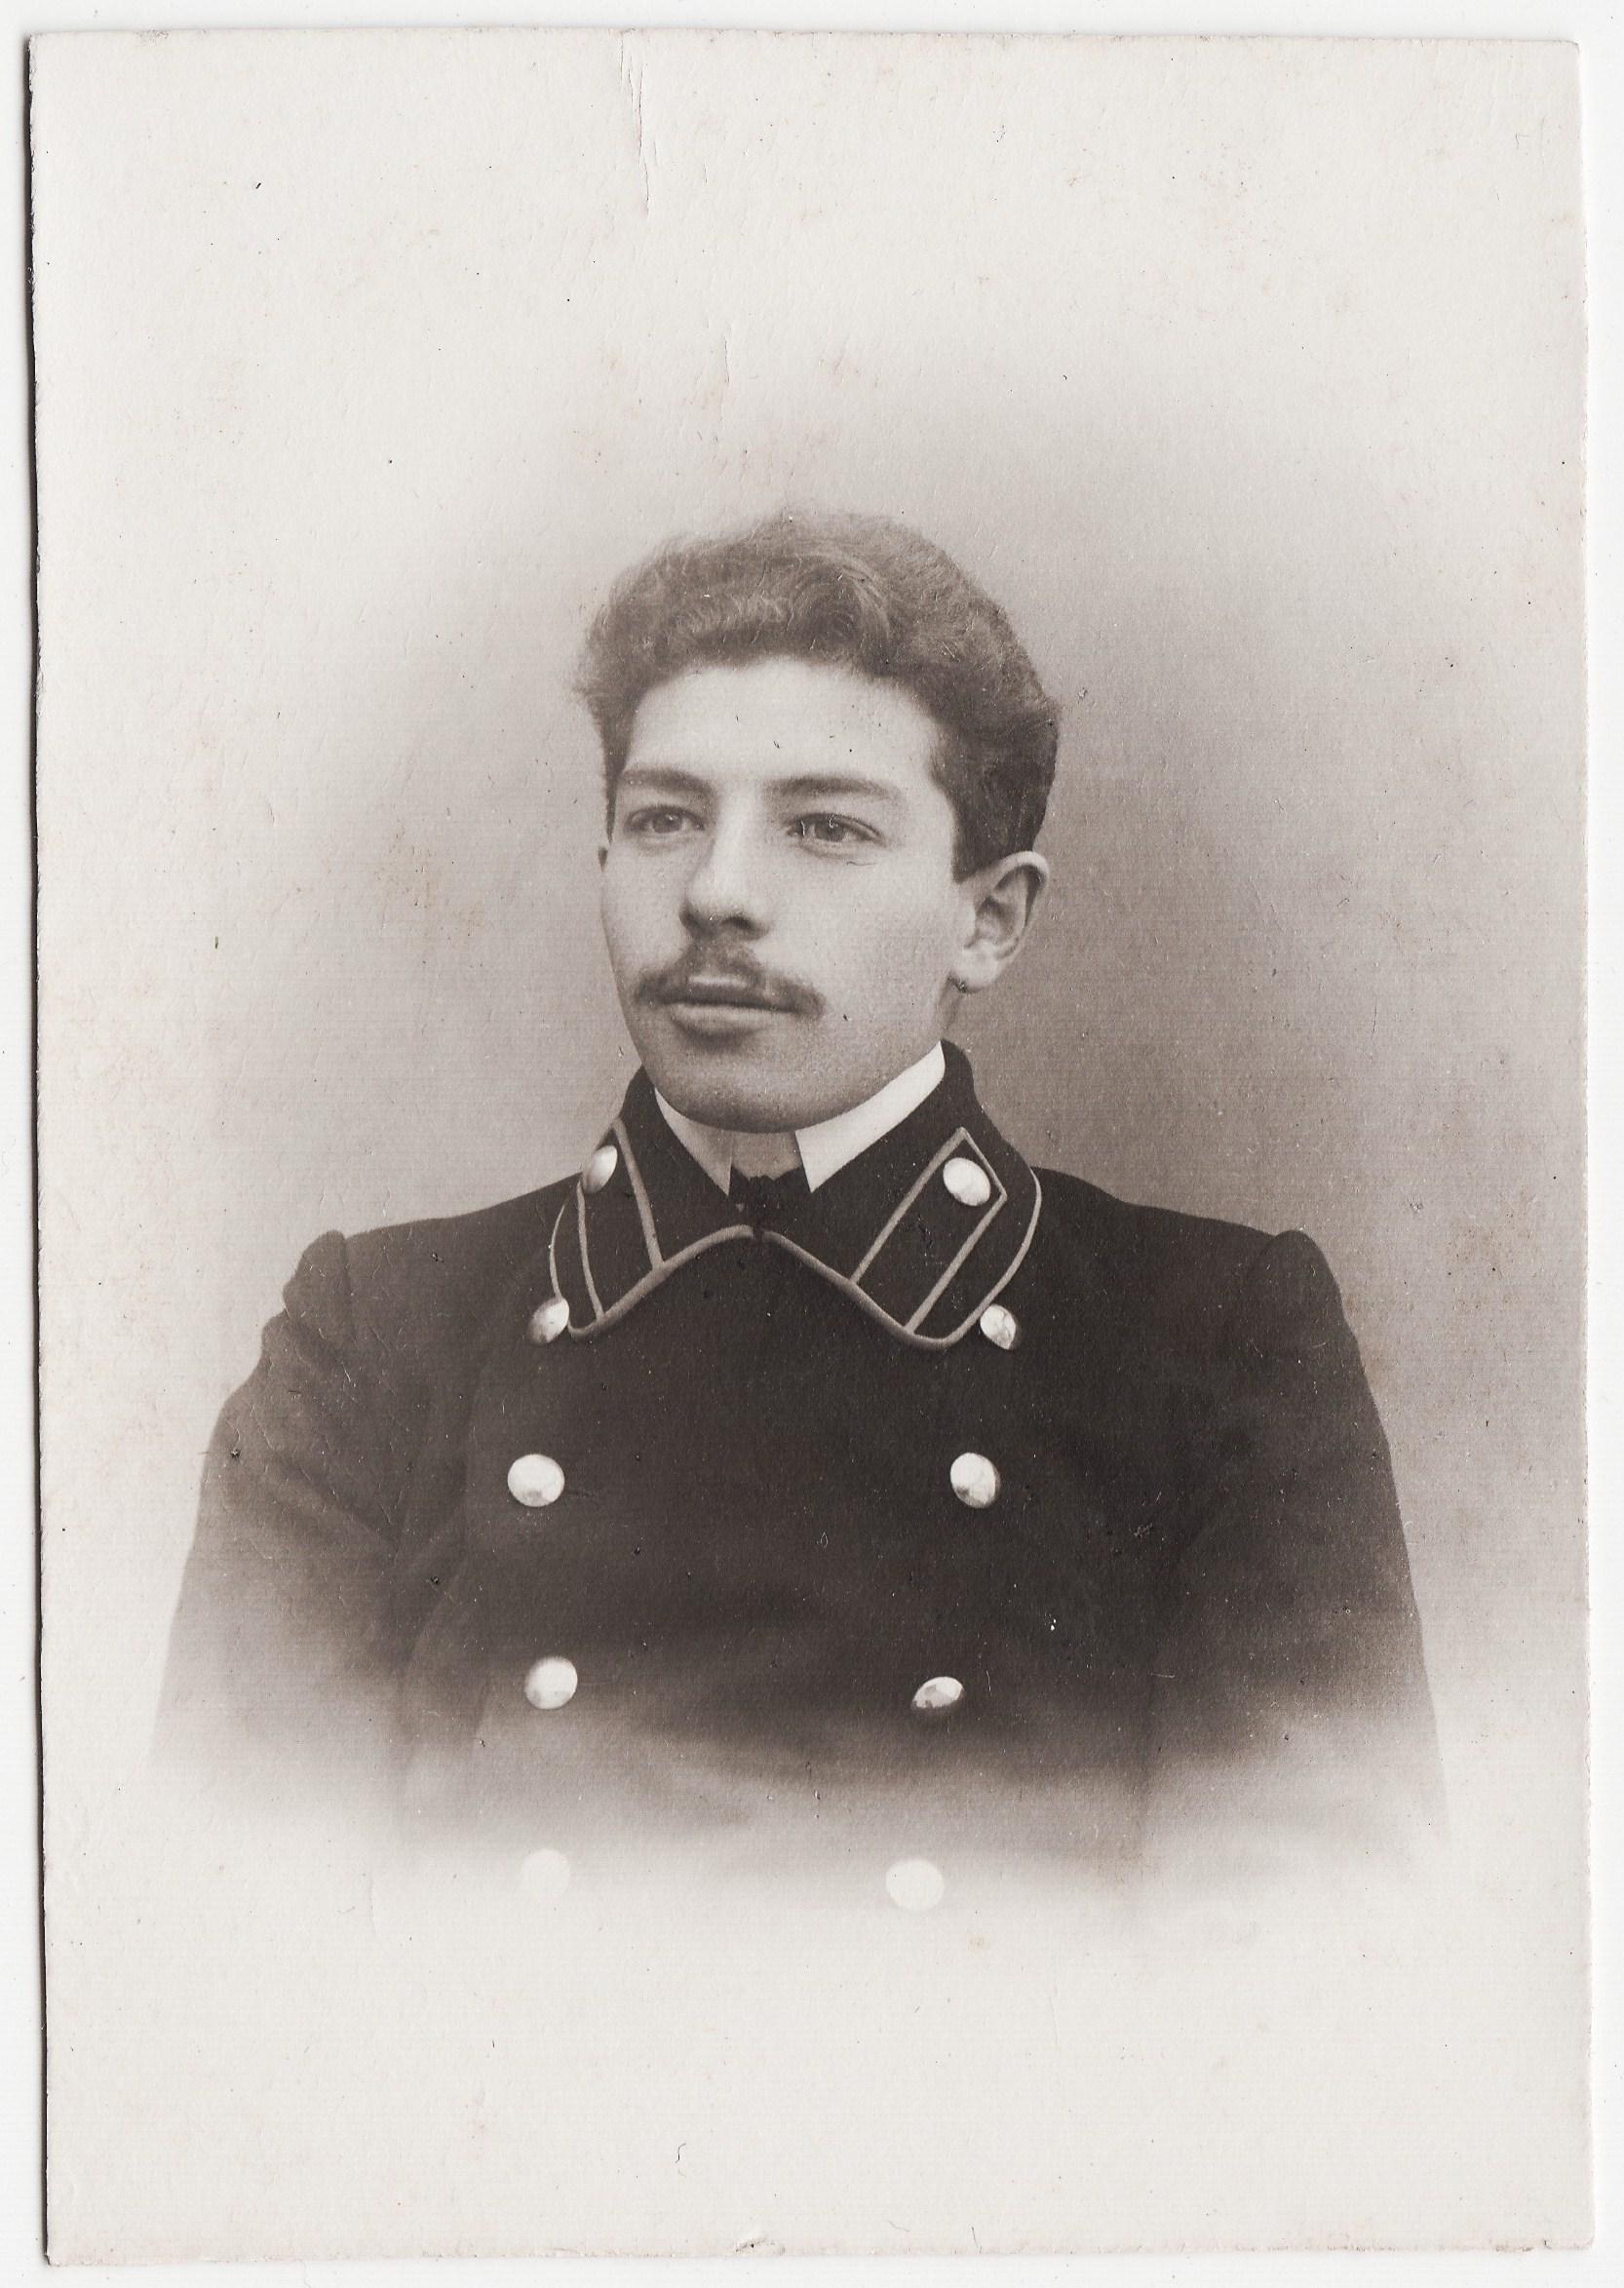 Студент Вог-де-Камю Александр Васильевич. I отделение разряд 2. (06.09.1930 - арестован. Приговорён к 5 годам ИТЛ)